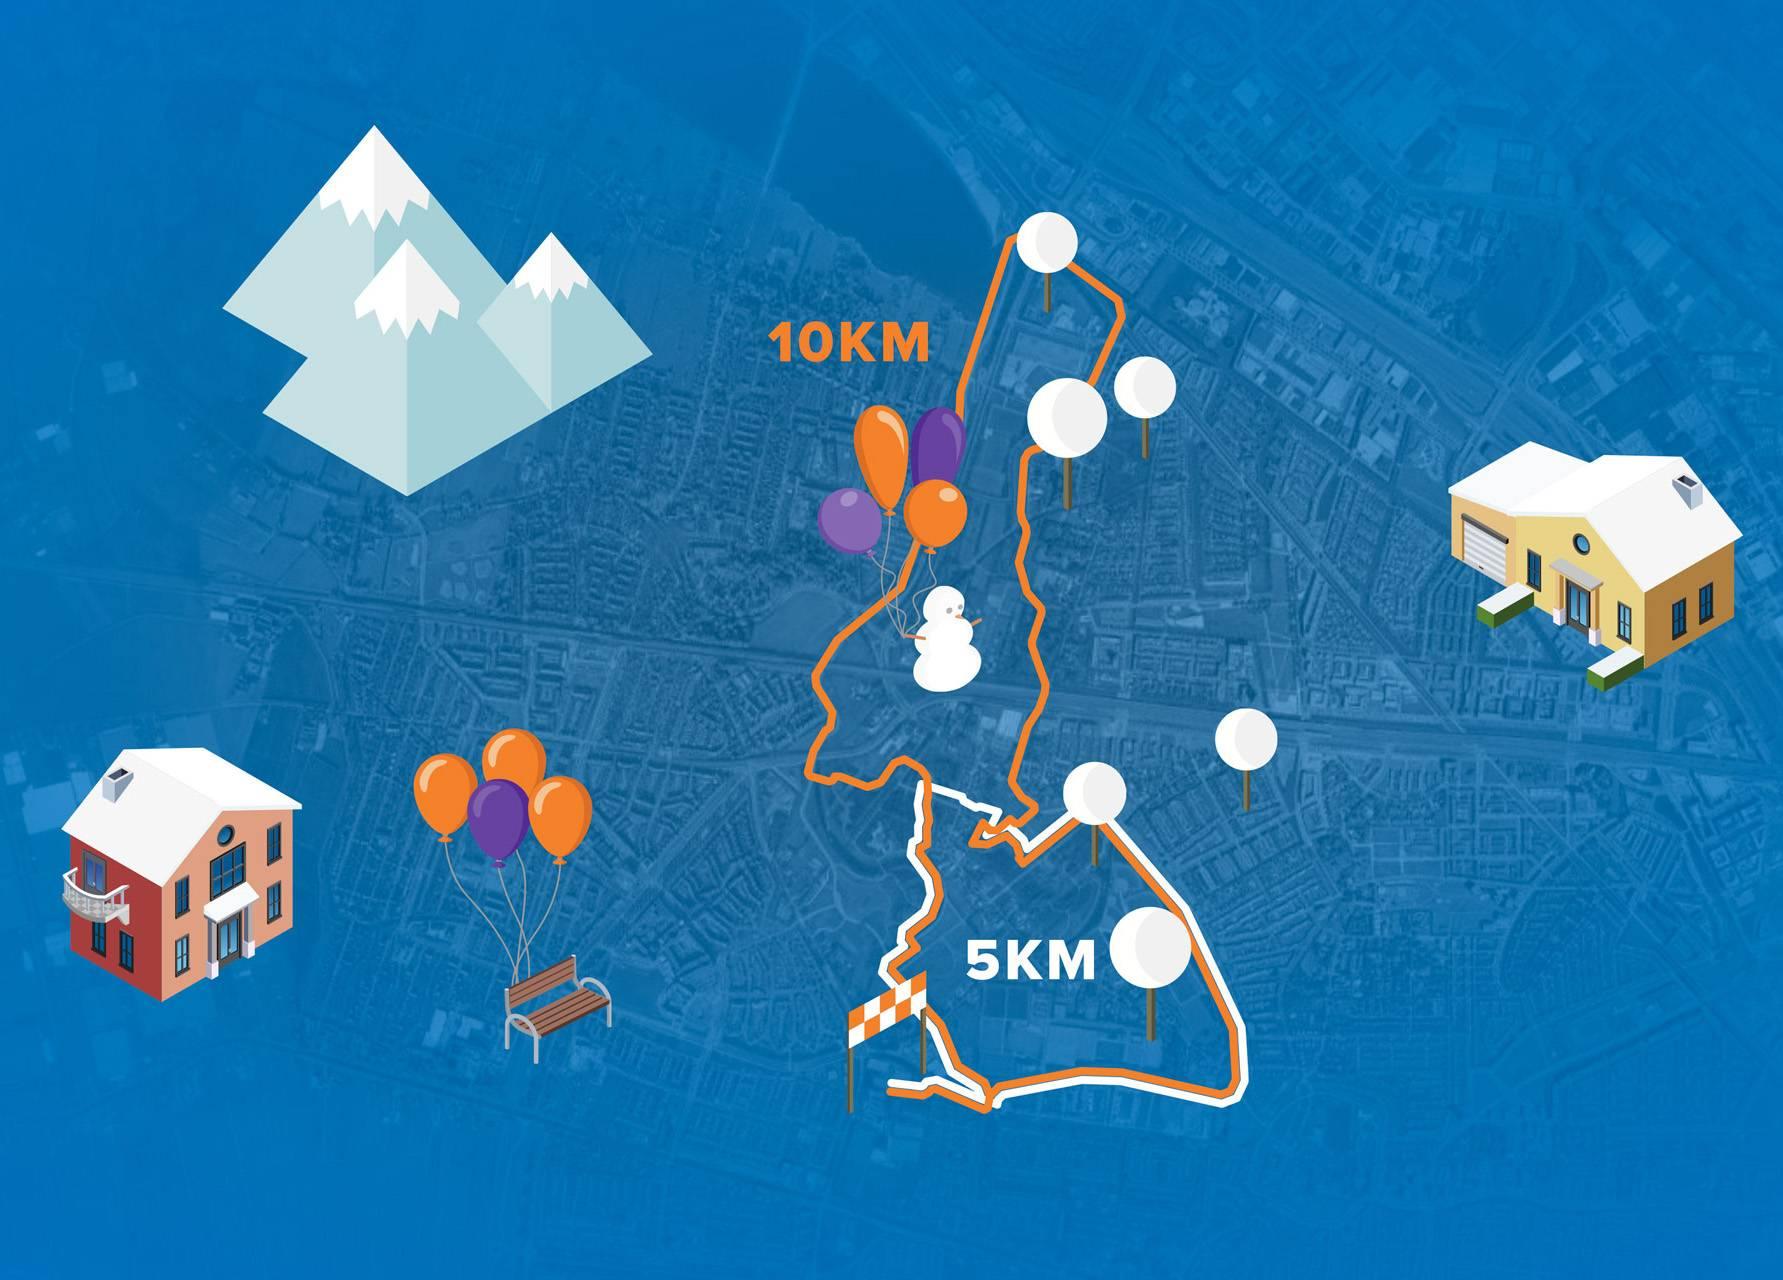 Afbeelding van de 10 kilometer, 5 kilometer en 1 kilometer KidsRun route van de Run for KiKa Winterrun op 27 januari 2019 in het Máximapark in Utrecht